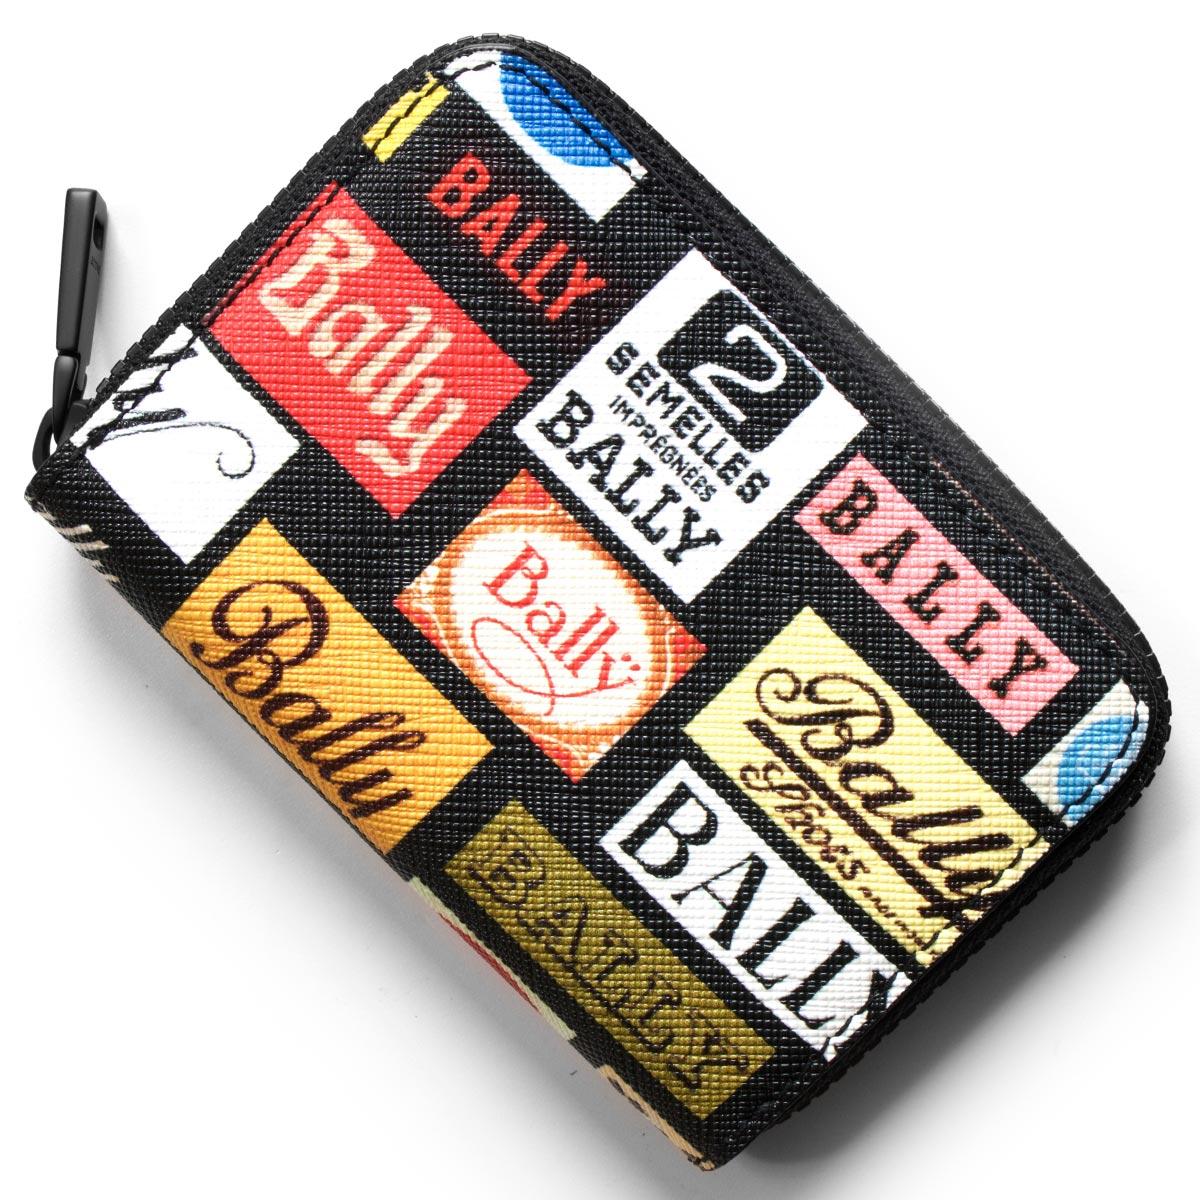 バリー コインケース【小銭入れ】 財布 メンズ ビヴィ BIVY マルチブラック BIVYPL 40 6224344 BALLY